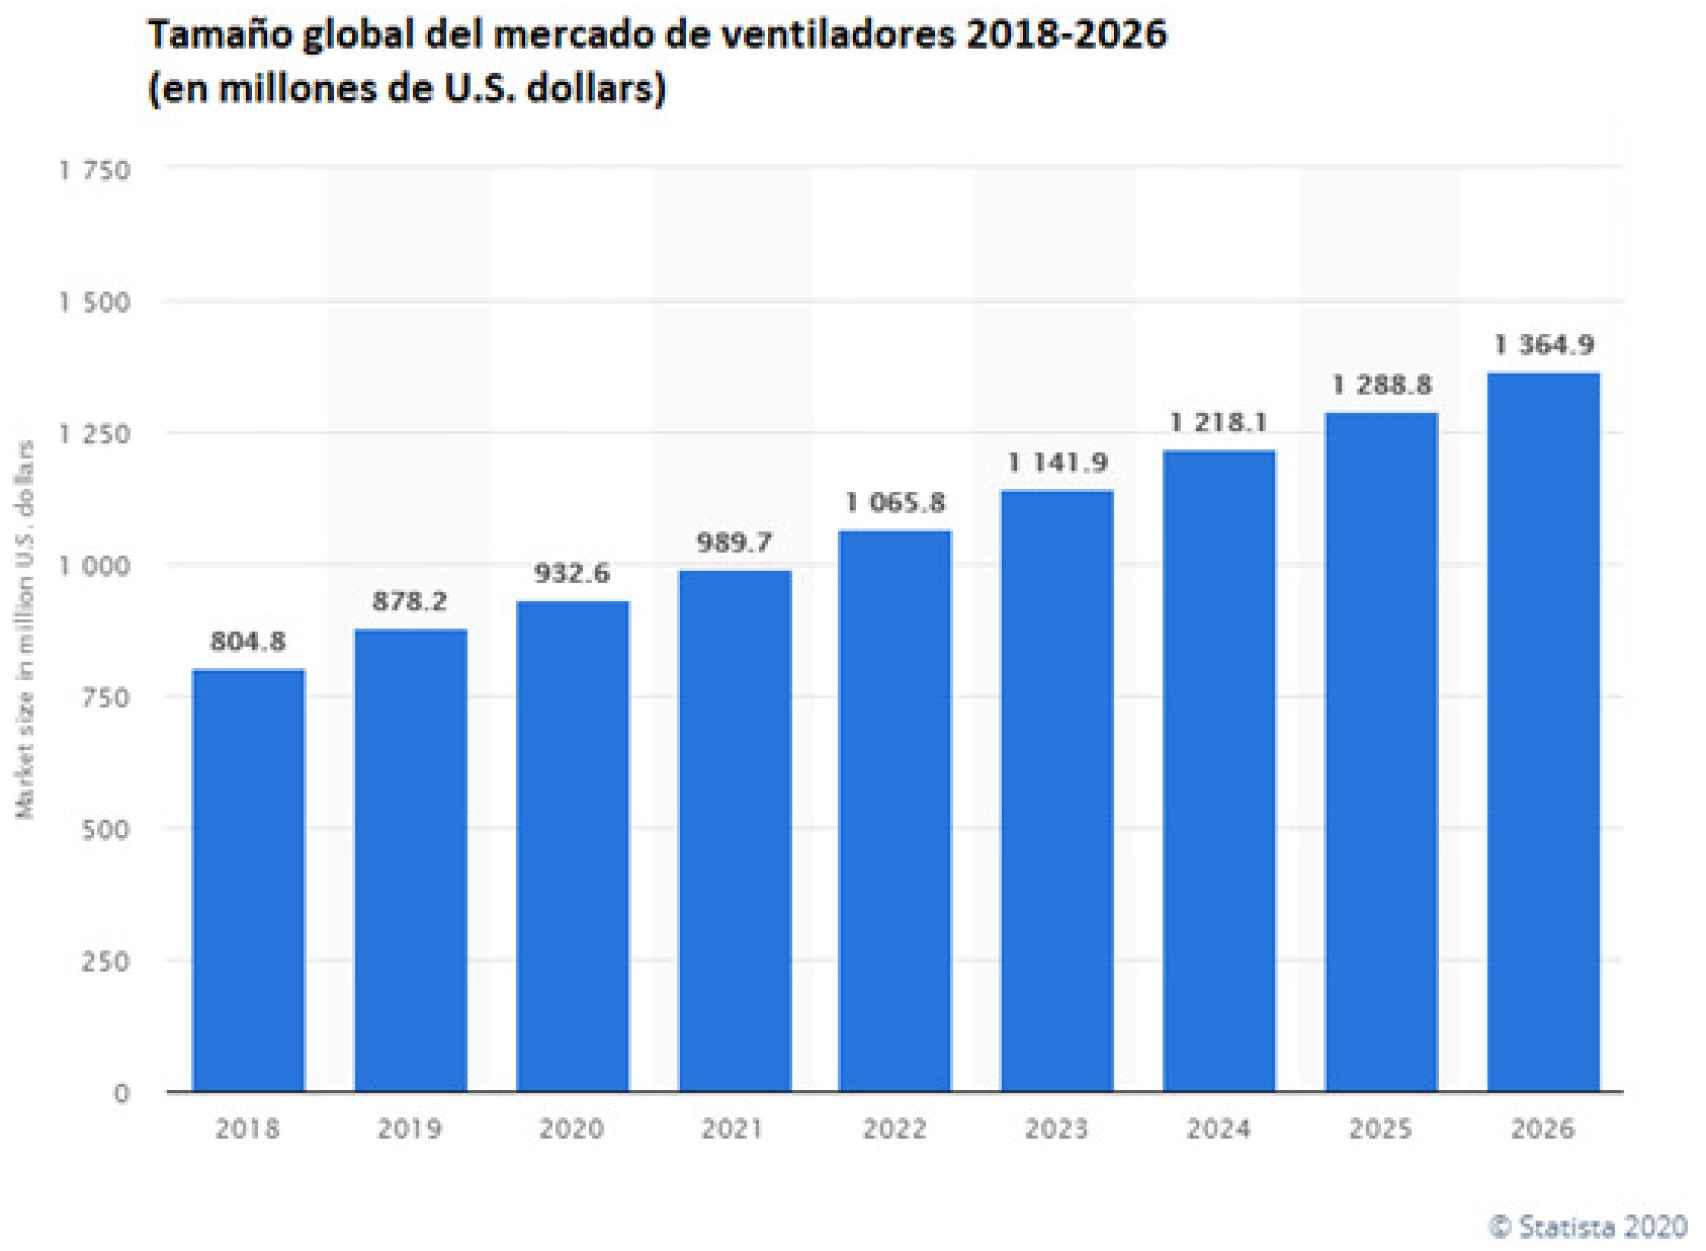 Evolución del mercado mundial de ventiladores.